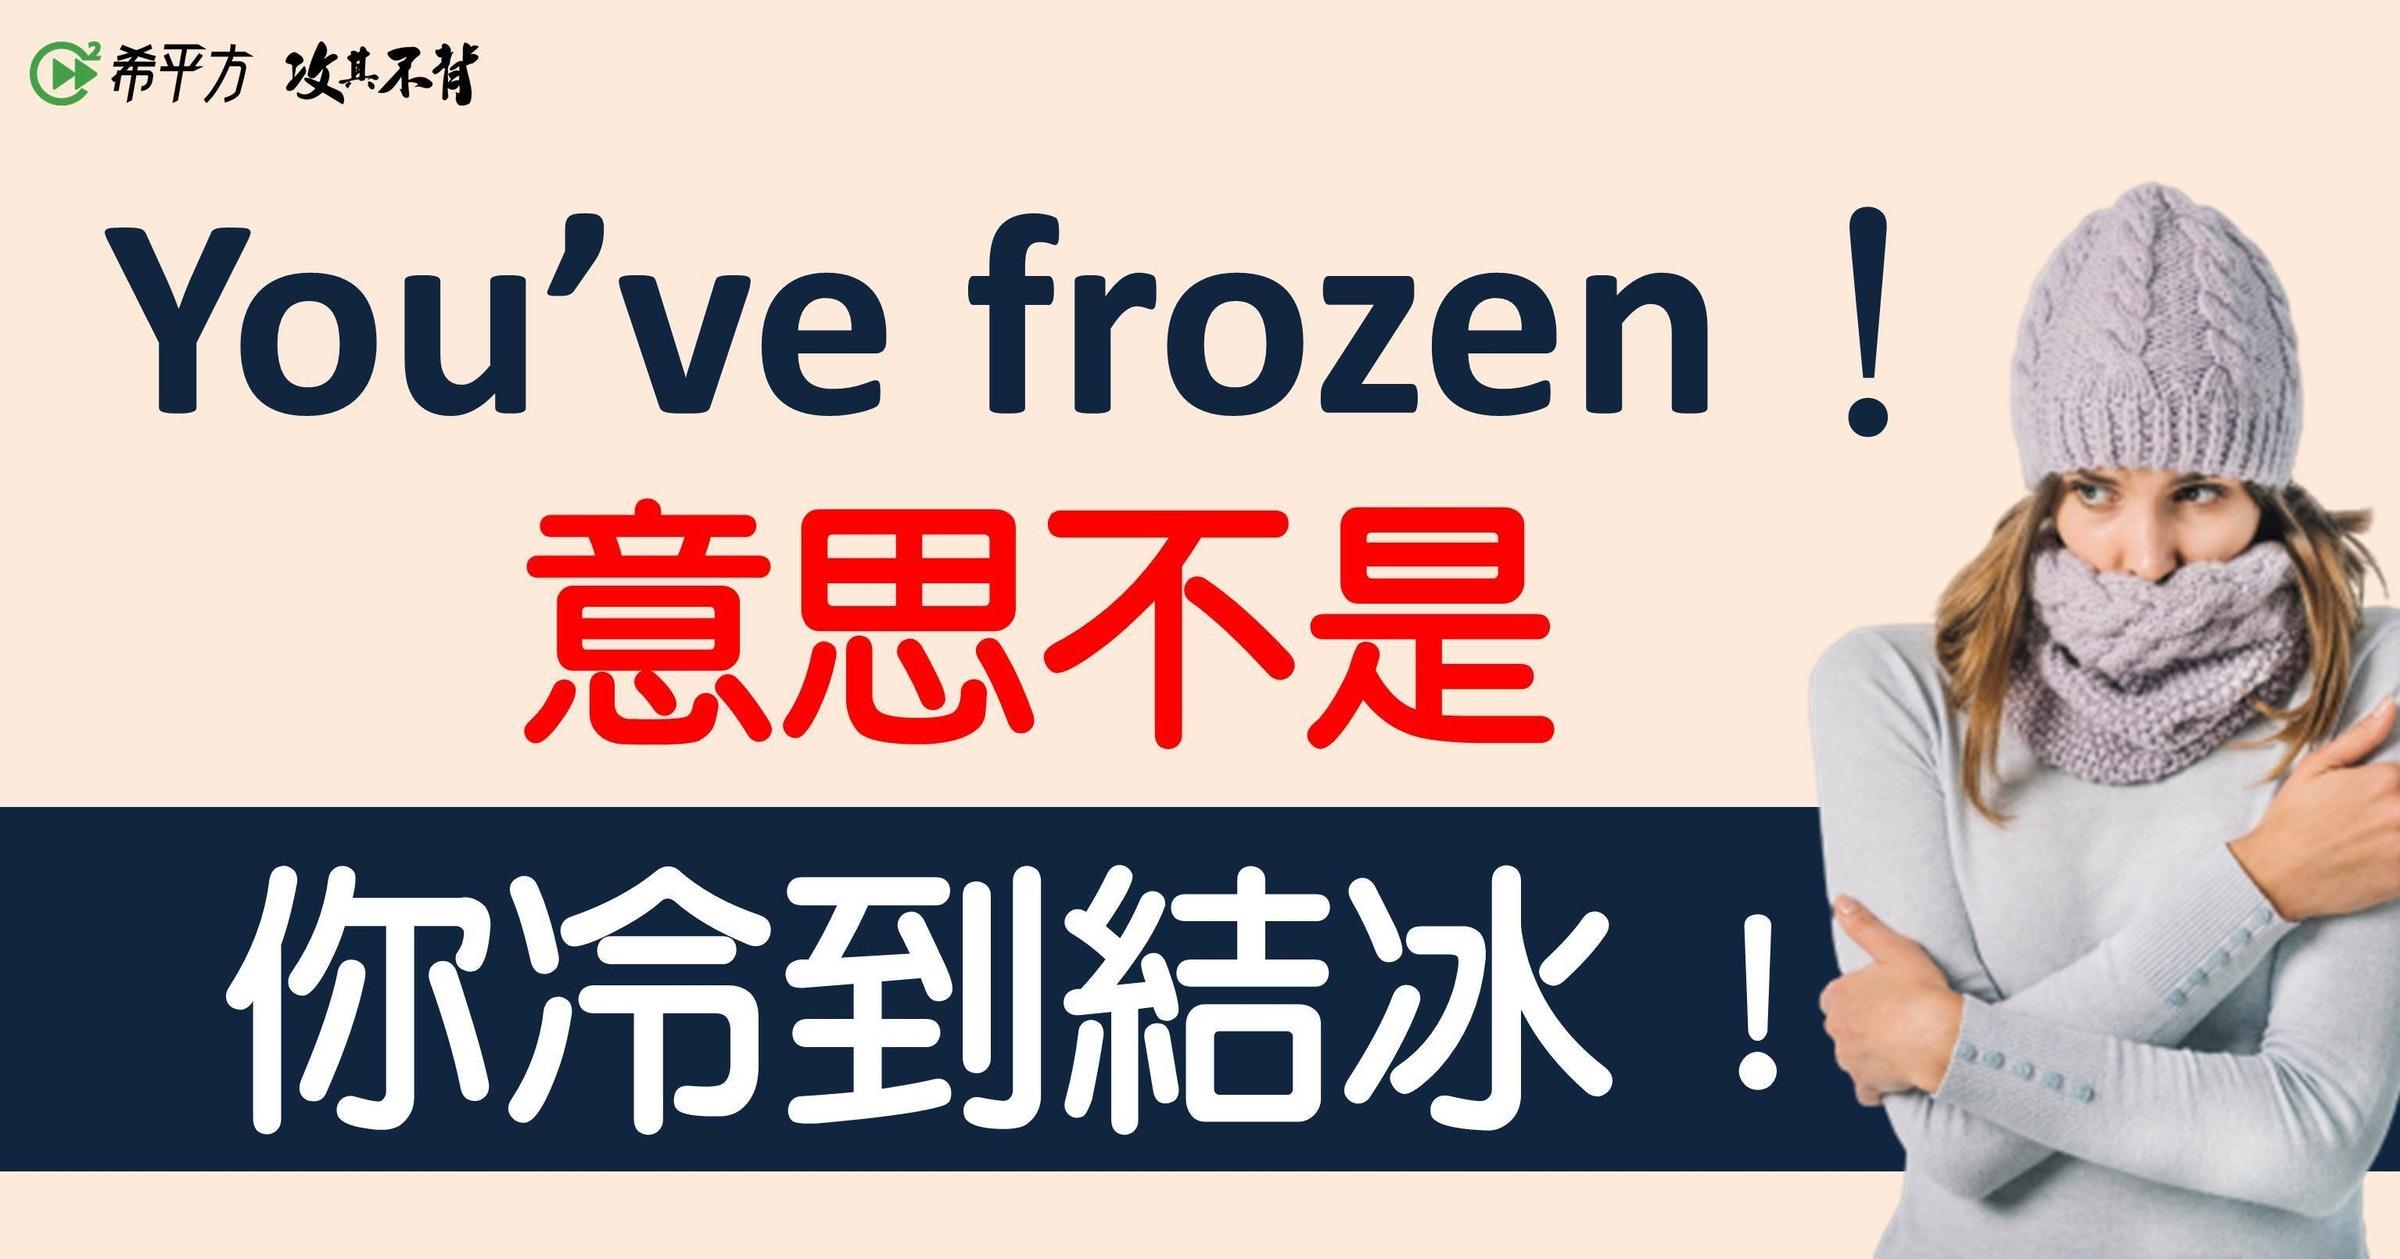 照片中提到了C希平方攻其不材、You've frozen !、意思不是,跟全方位國際航空有關,包含了遠東新世紀、外衣、公共關係、牌、產品